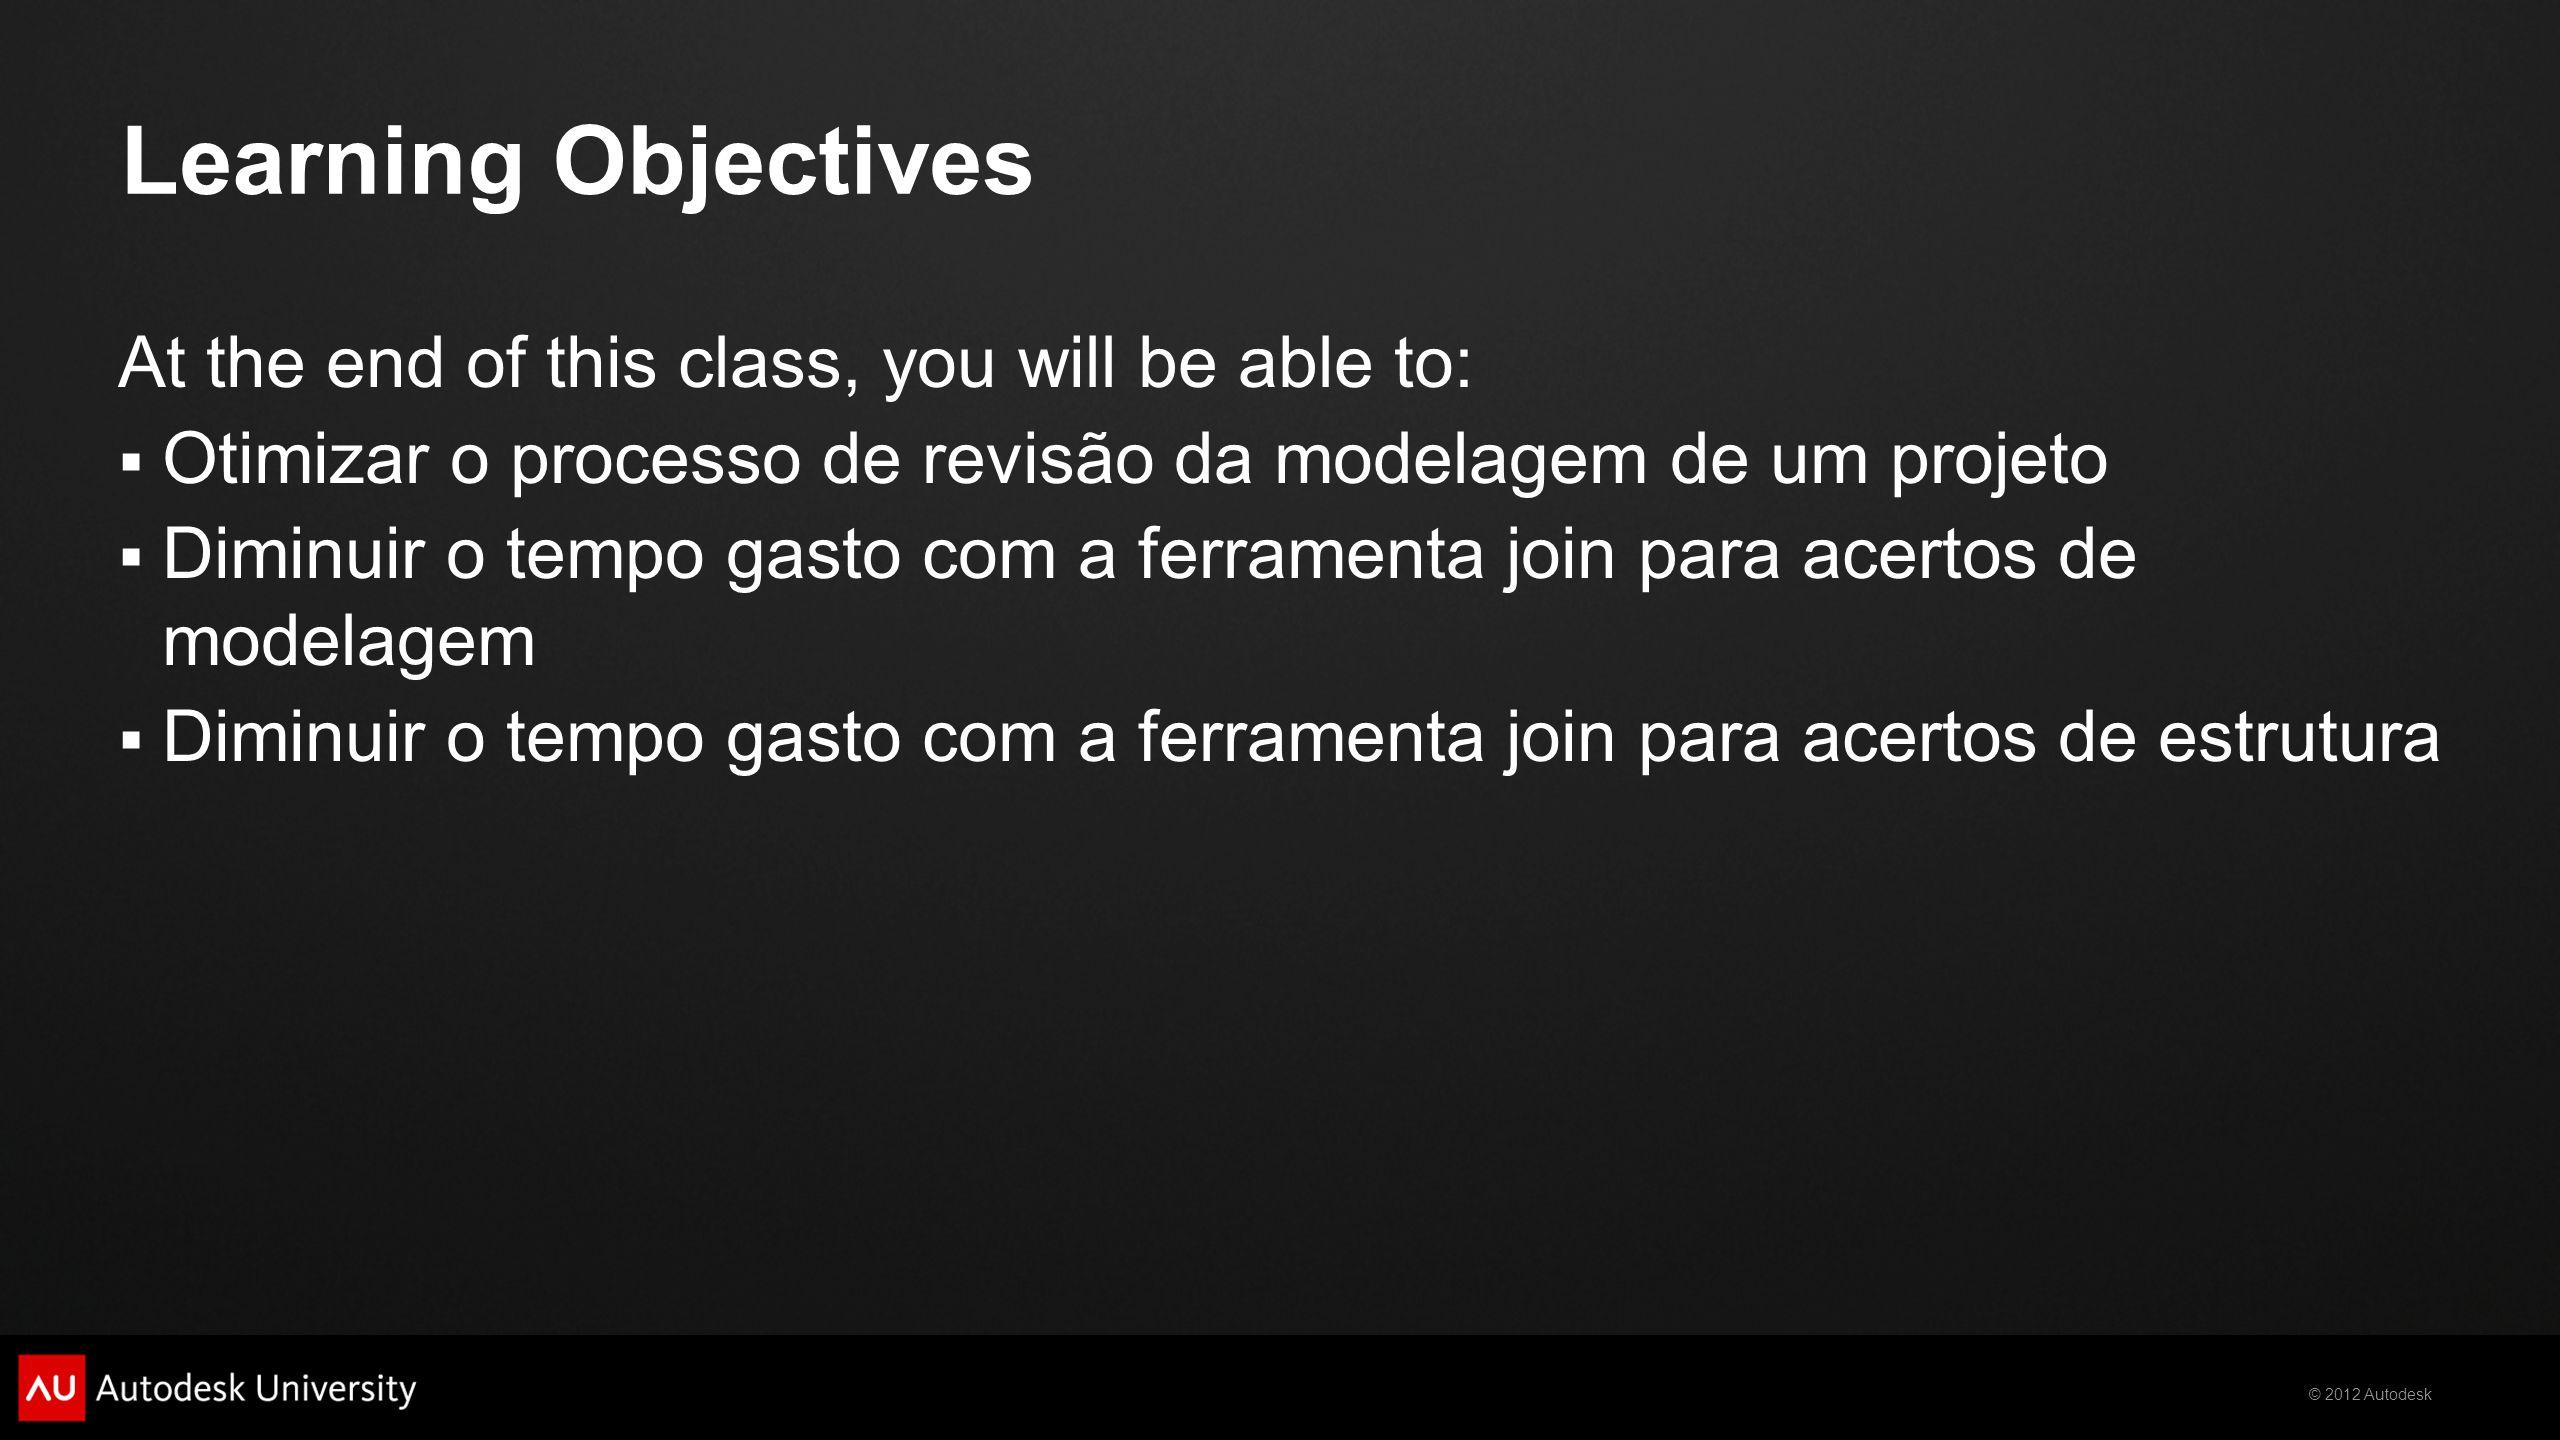 © 2012 Autodesk Learning Objectives At the end of this class, you will be able to:  Otimizar o processo de revisão da modelagem de um projeto  Dimin